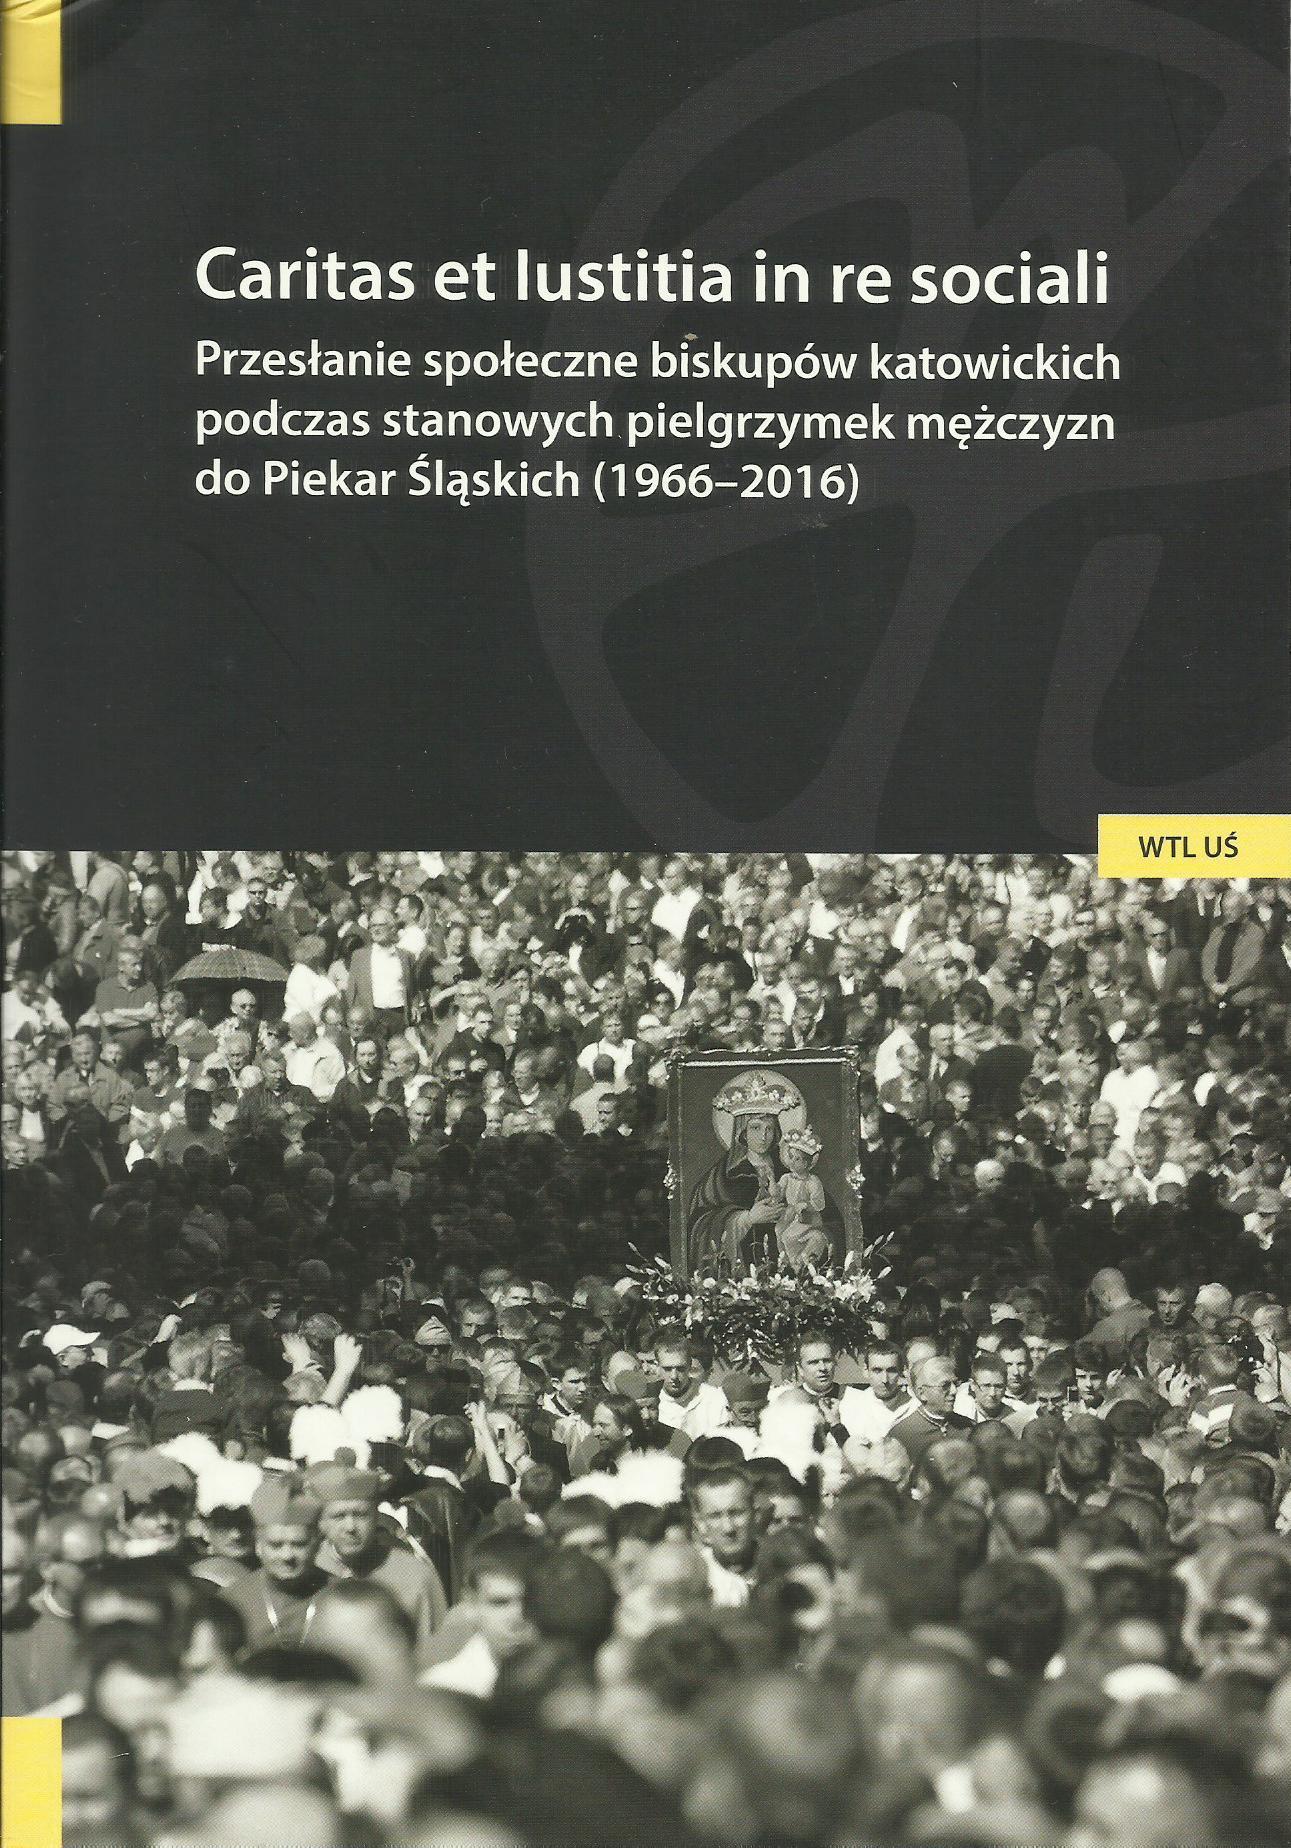 Caritas et Iustitia in re sociali. Przesłanie społeczne biskupów katowickich podczas stanowych pielgrzymek mężczyzn do Piekar Śląskich (1966-2016)